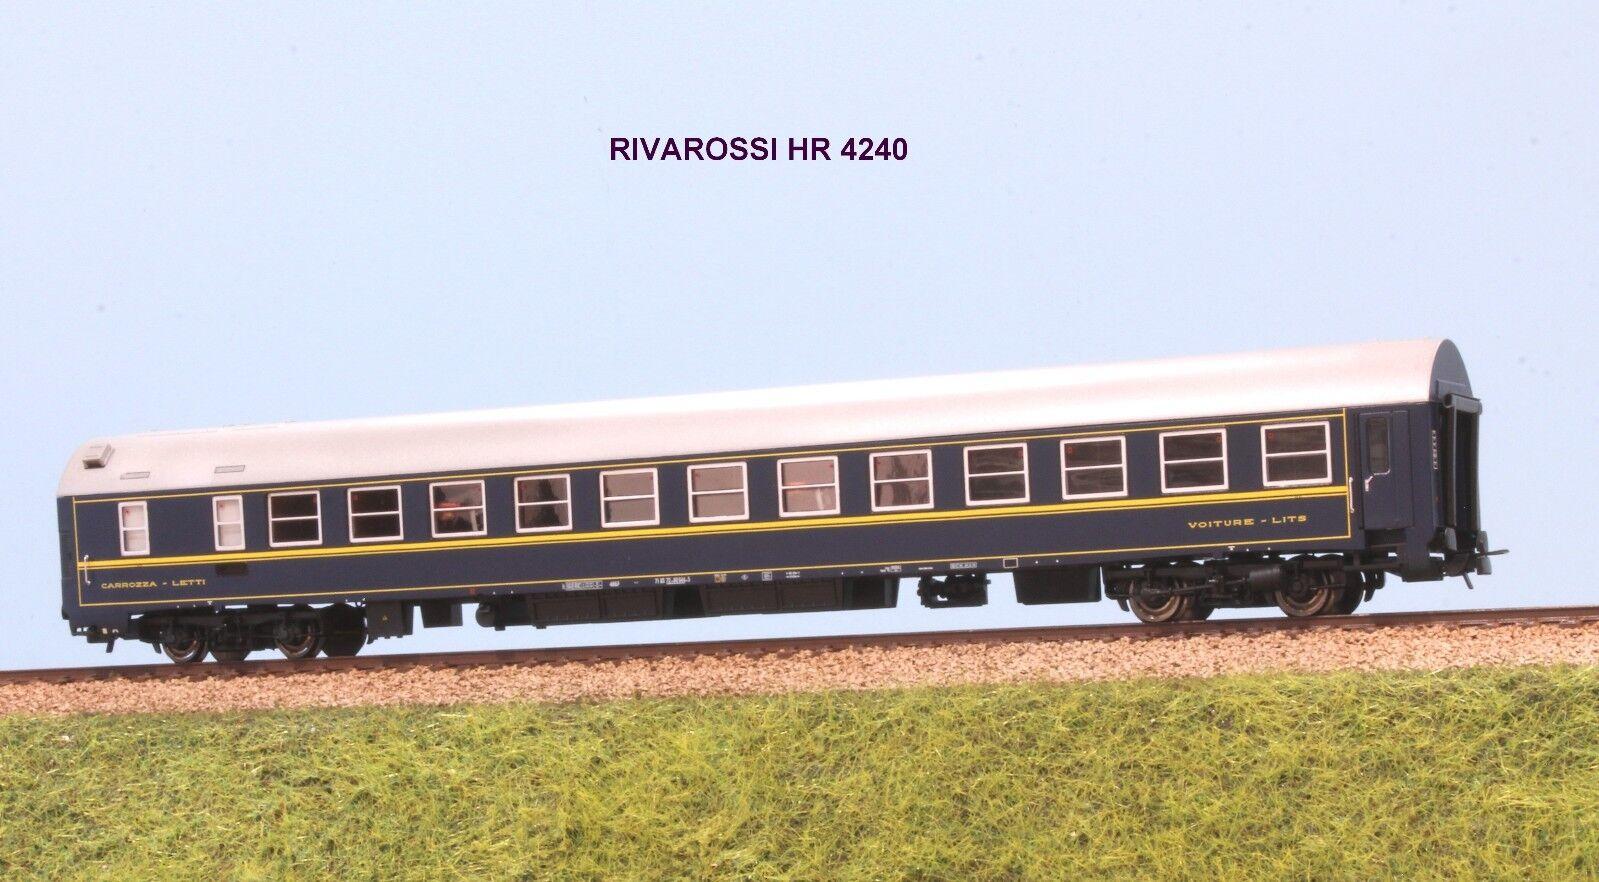 RIVAROSSI HR 4240 FS carrozza letti tipo MU 1973 livrea livrea livrea bluee CIWL 32dcc1